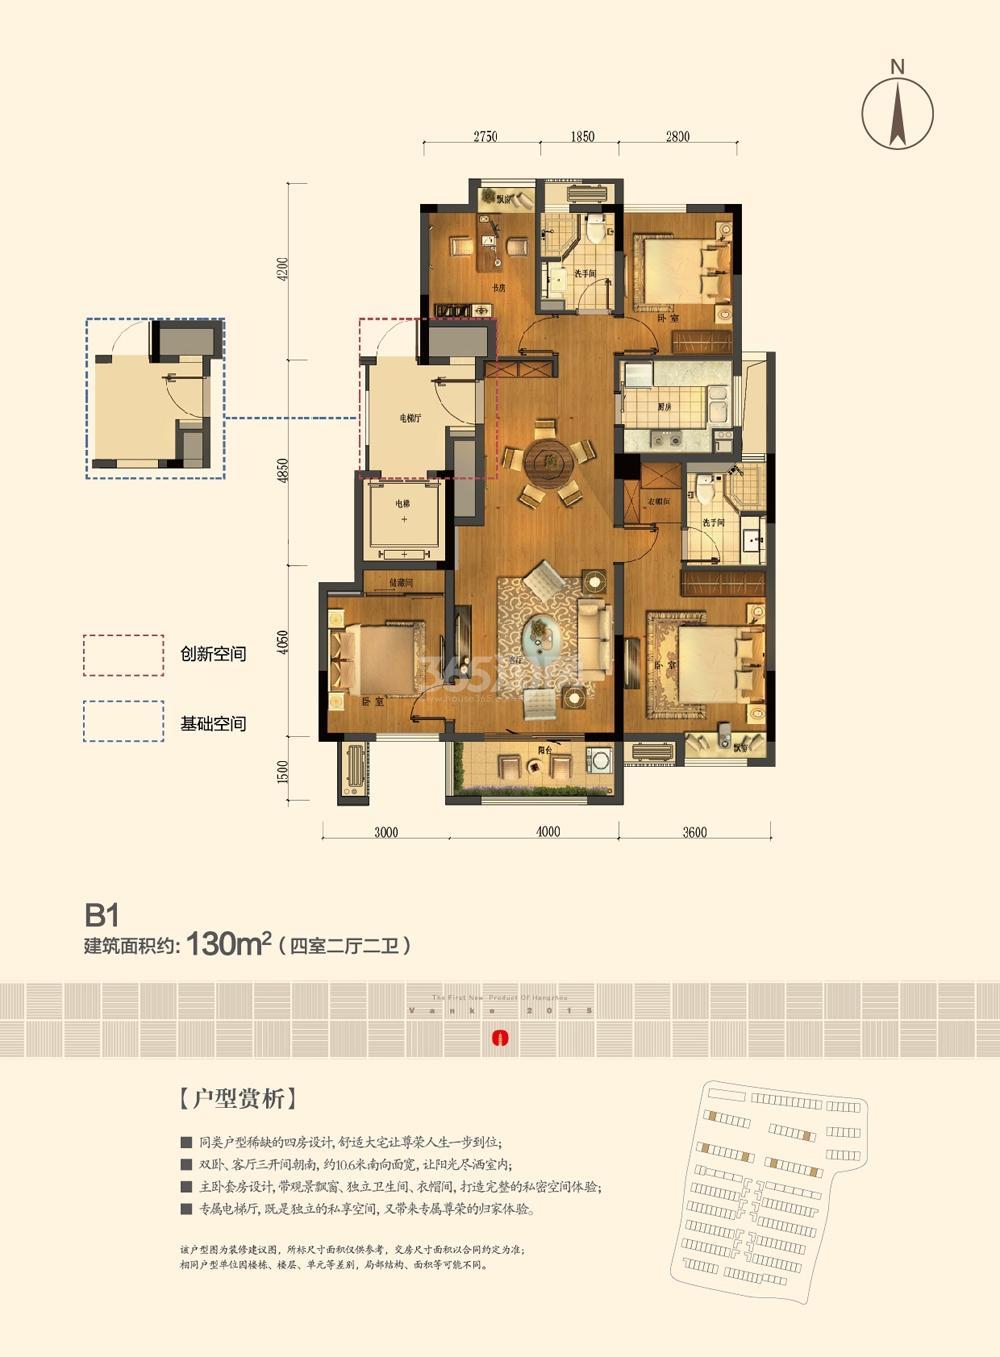 万科坤和玉泉7、8、11、12号楼B1户型130方